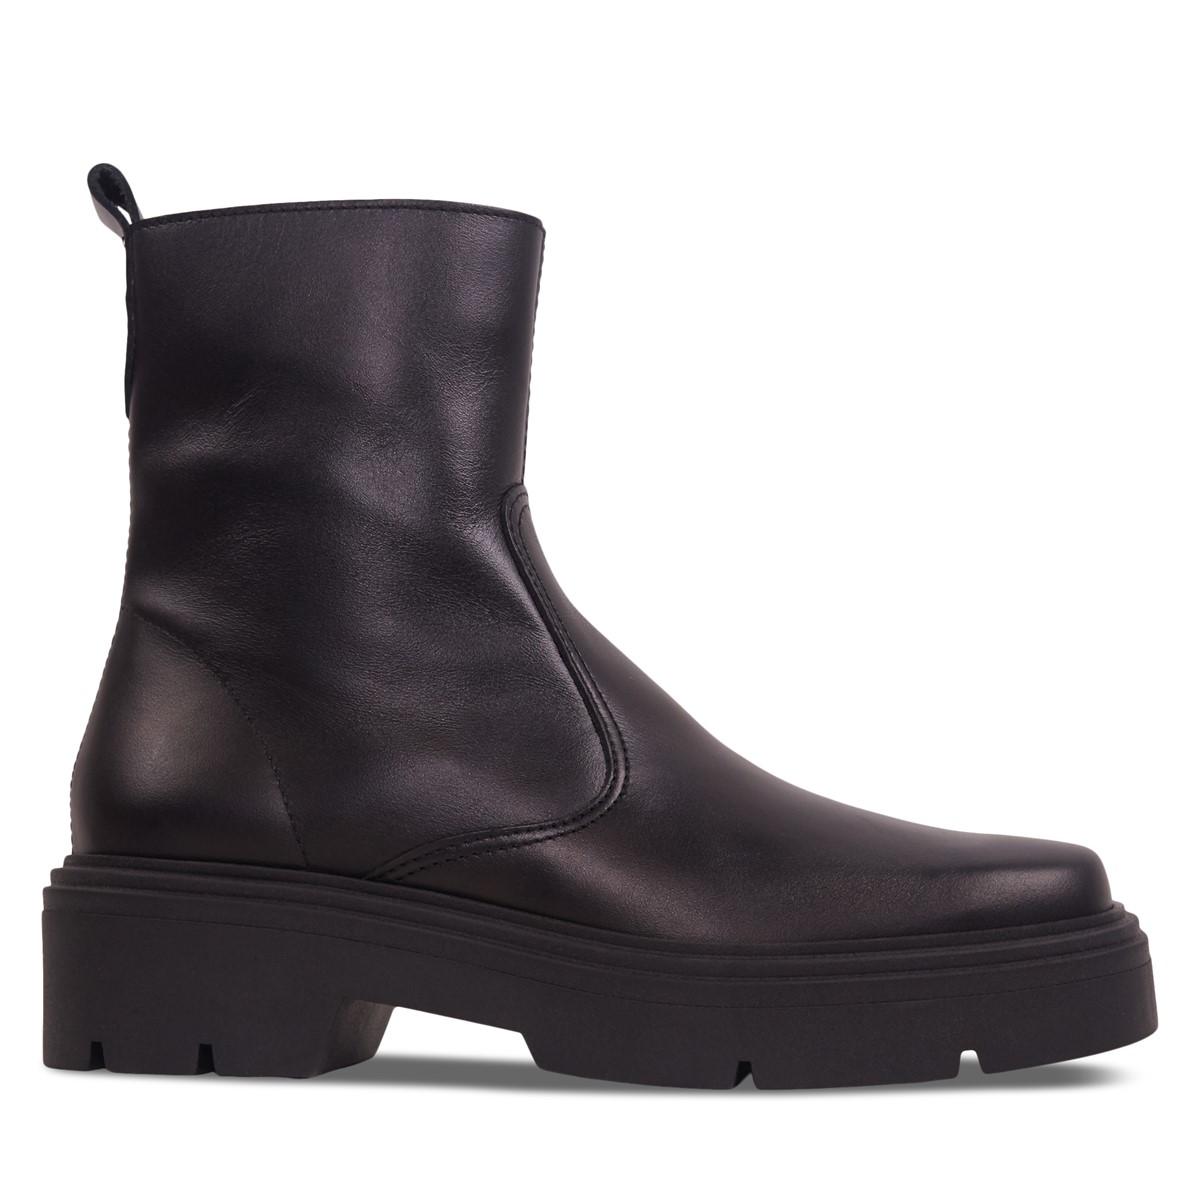 Women's Chloe Heeled Boots in Black